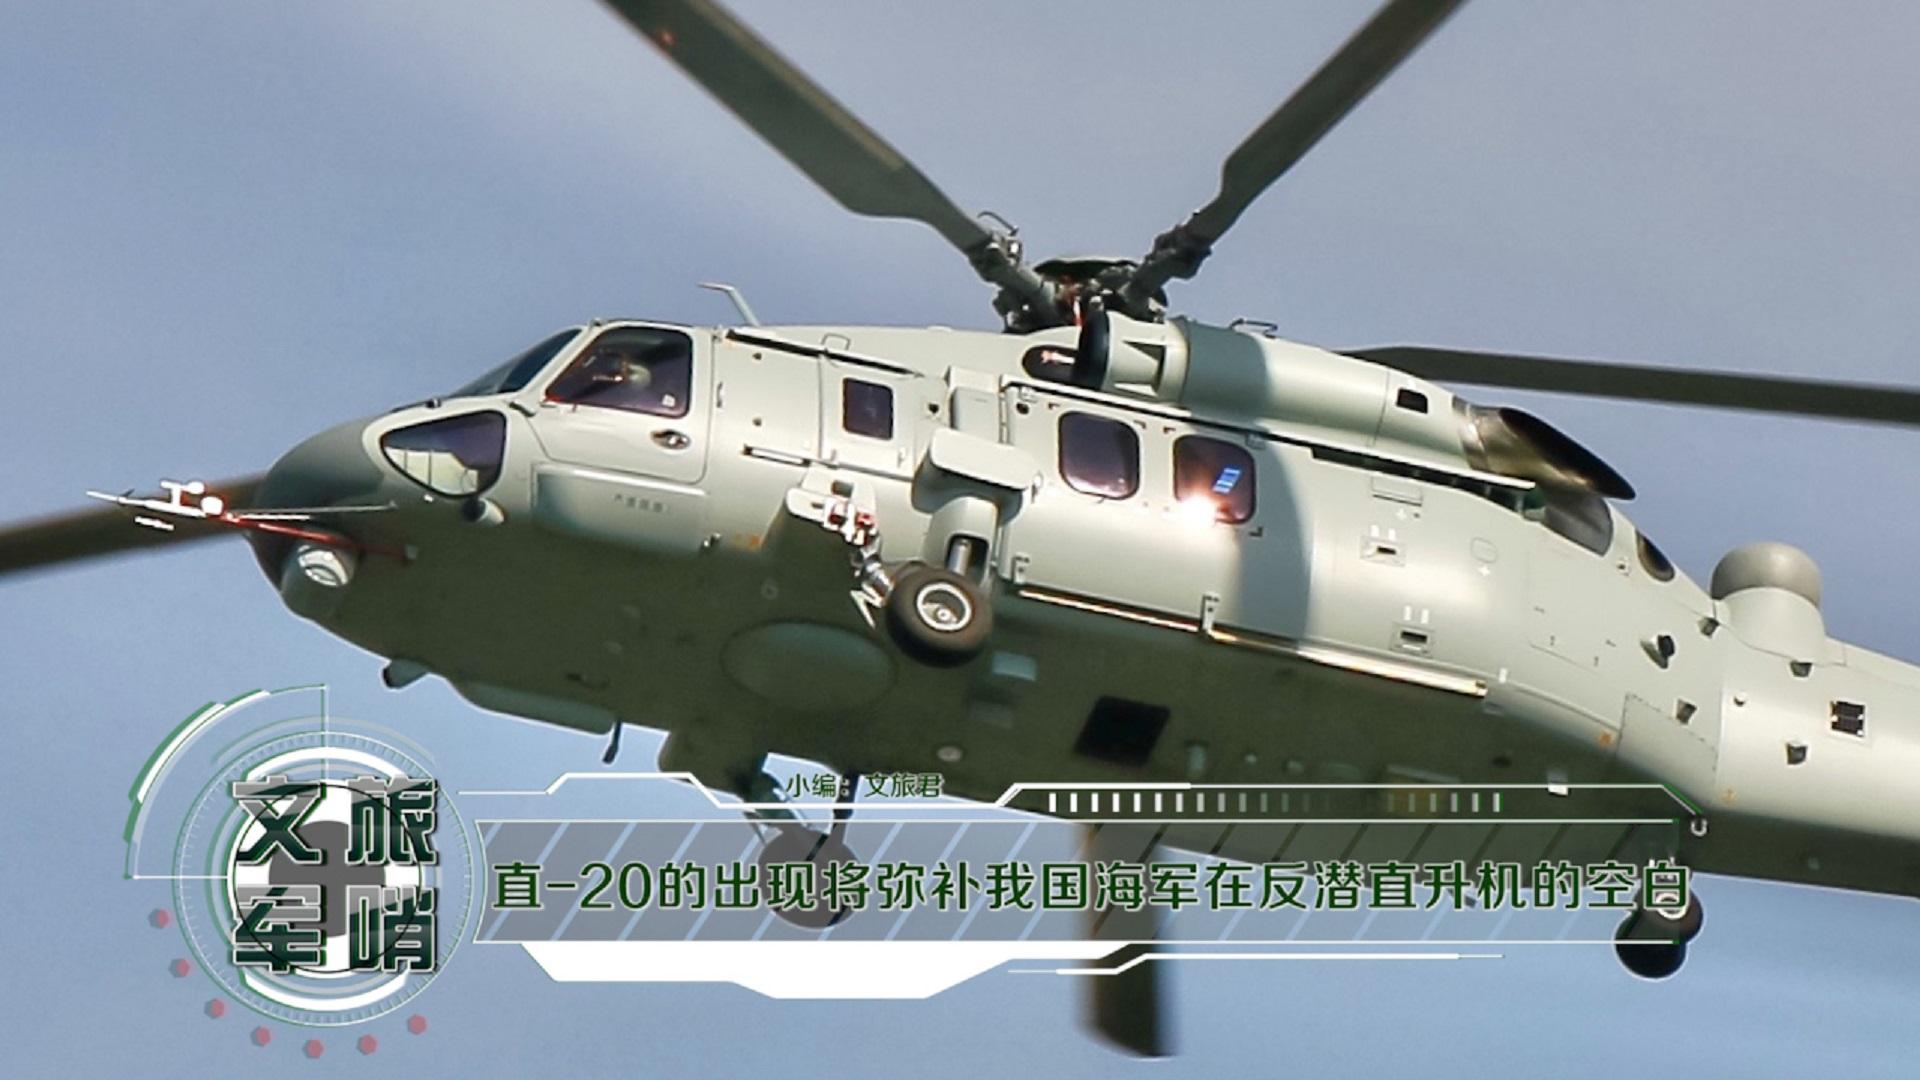 直-20的出现将弥补我国海军在反潜直升机的空白